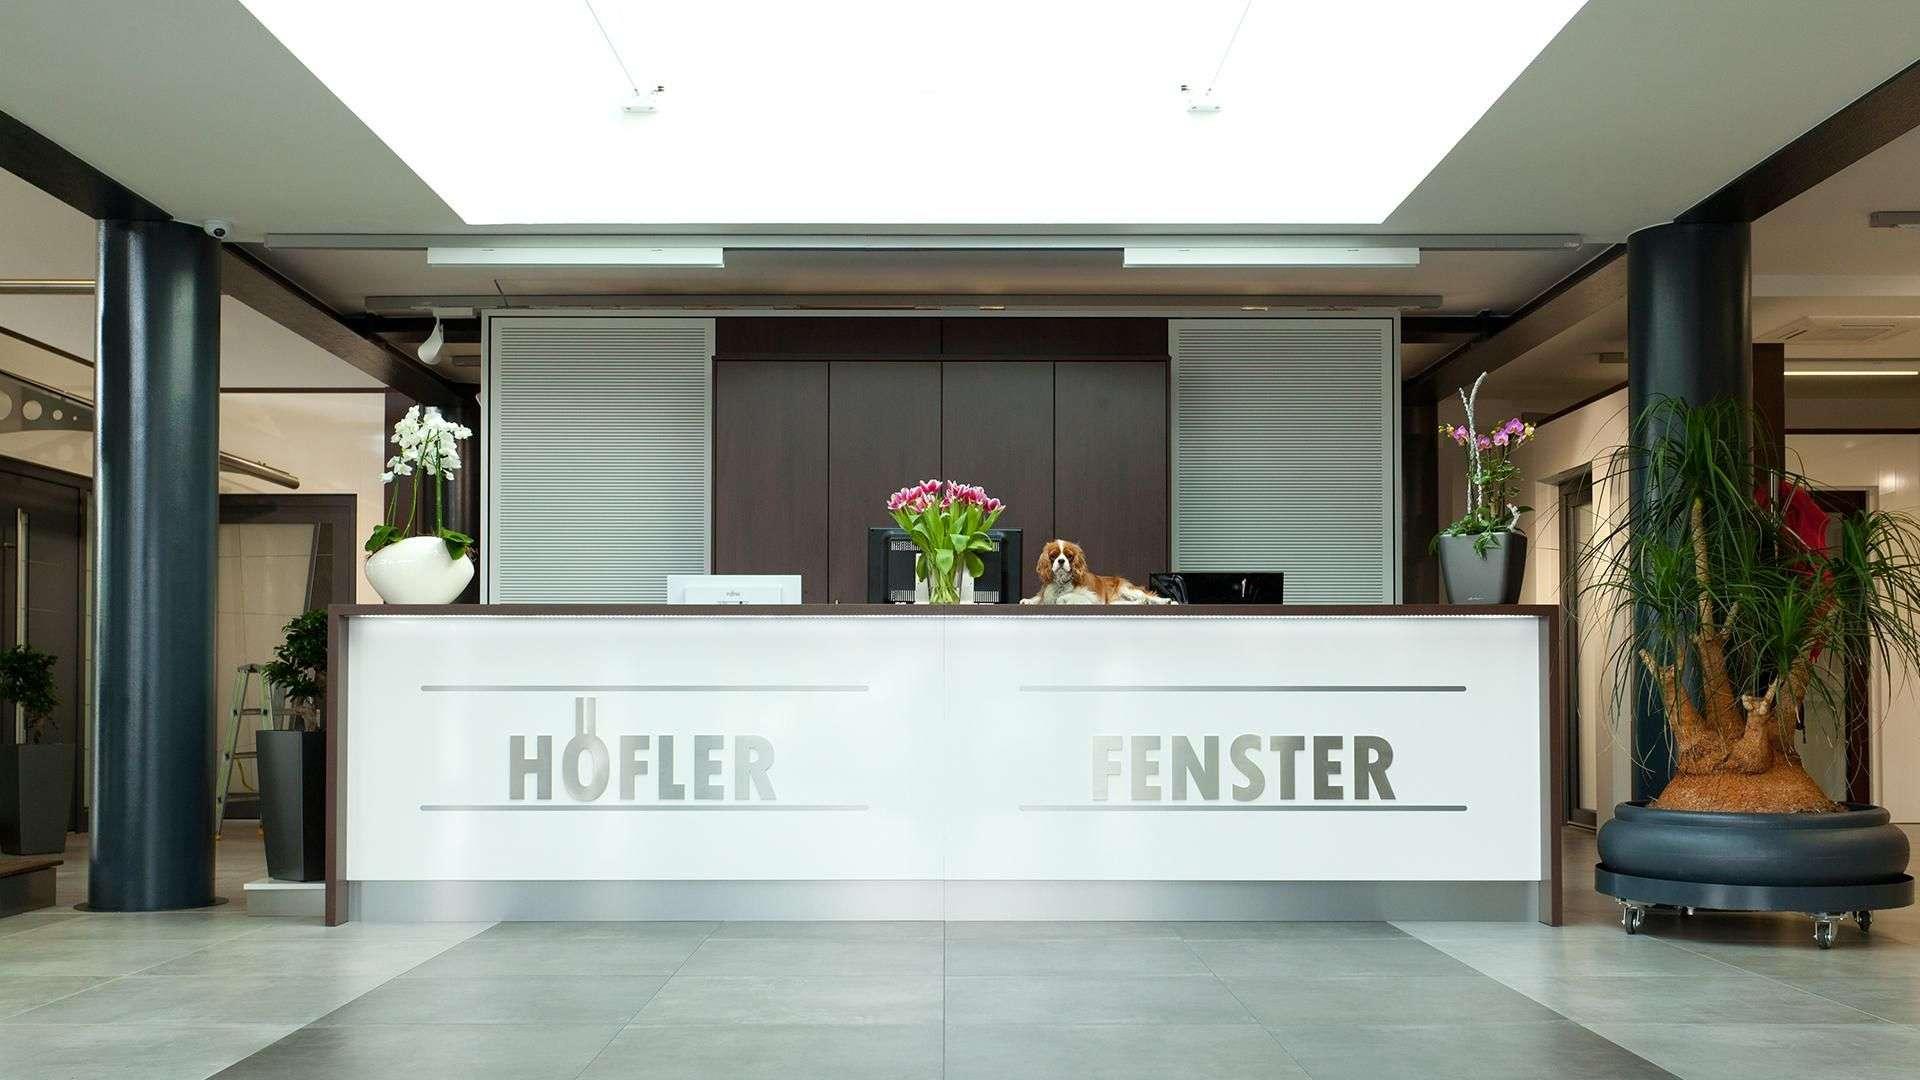 Höfler Fenster elementebau höfler gmbh karriere